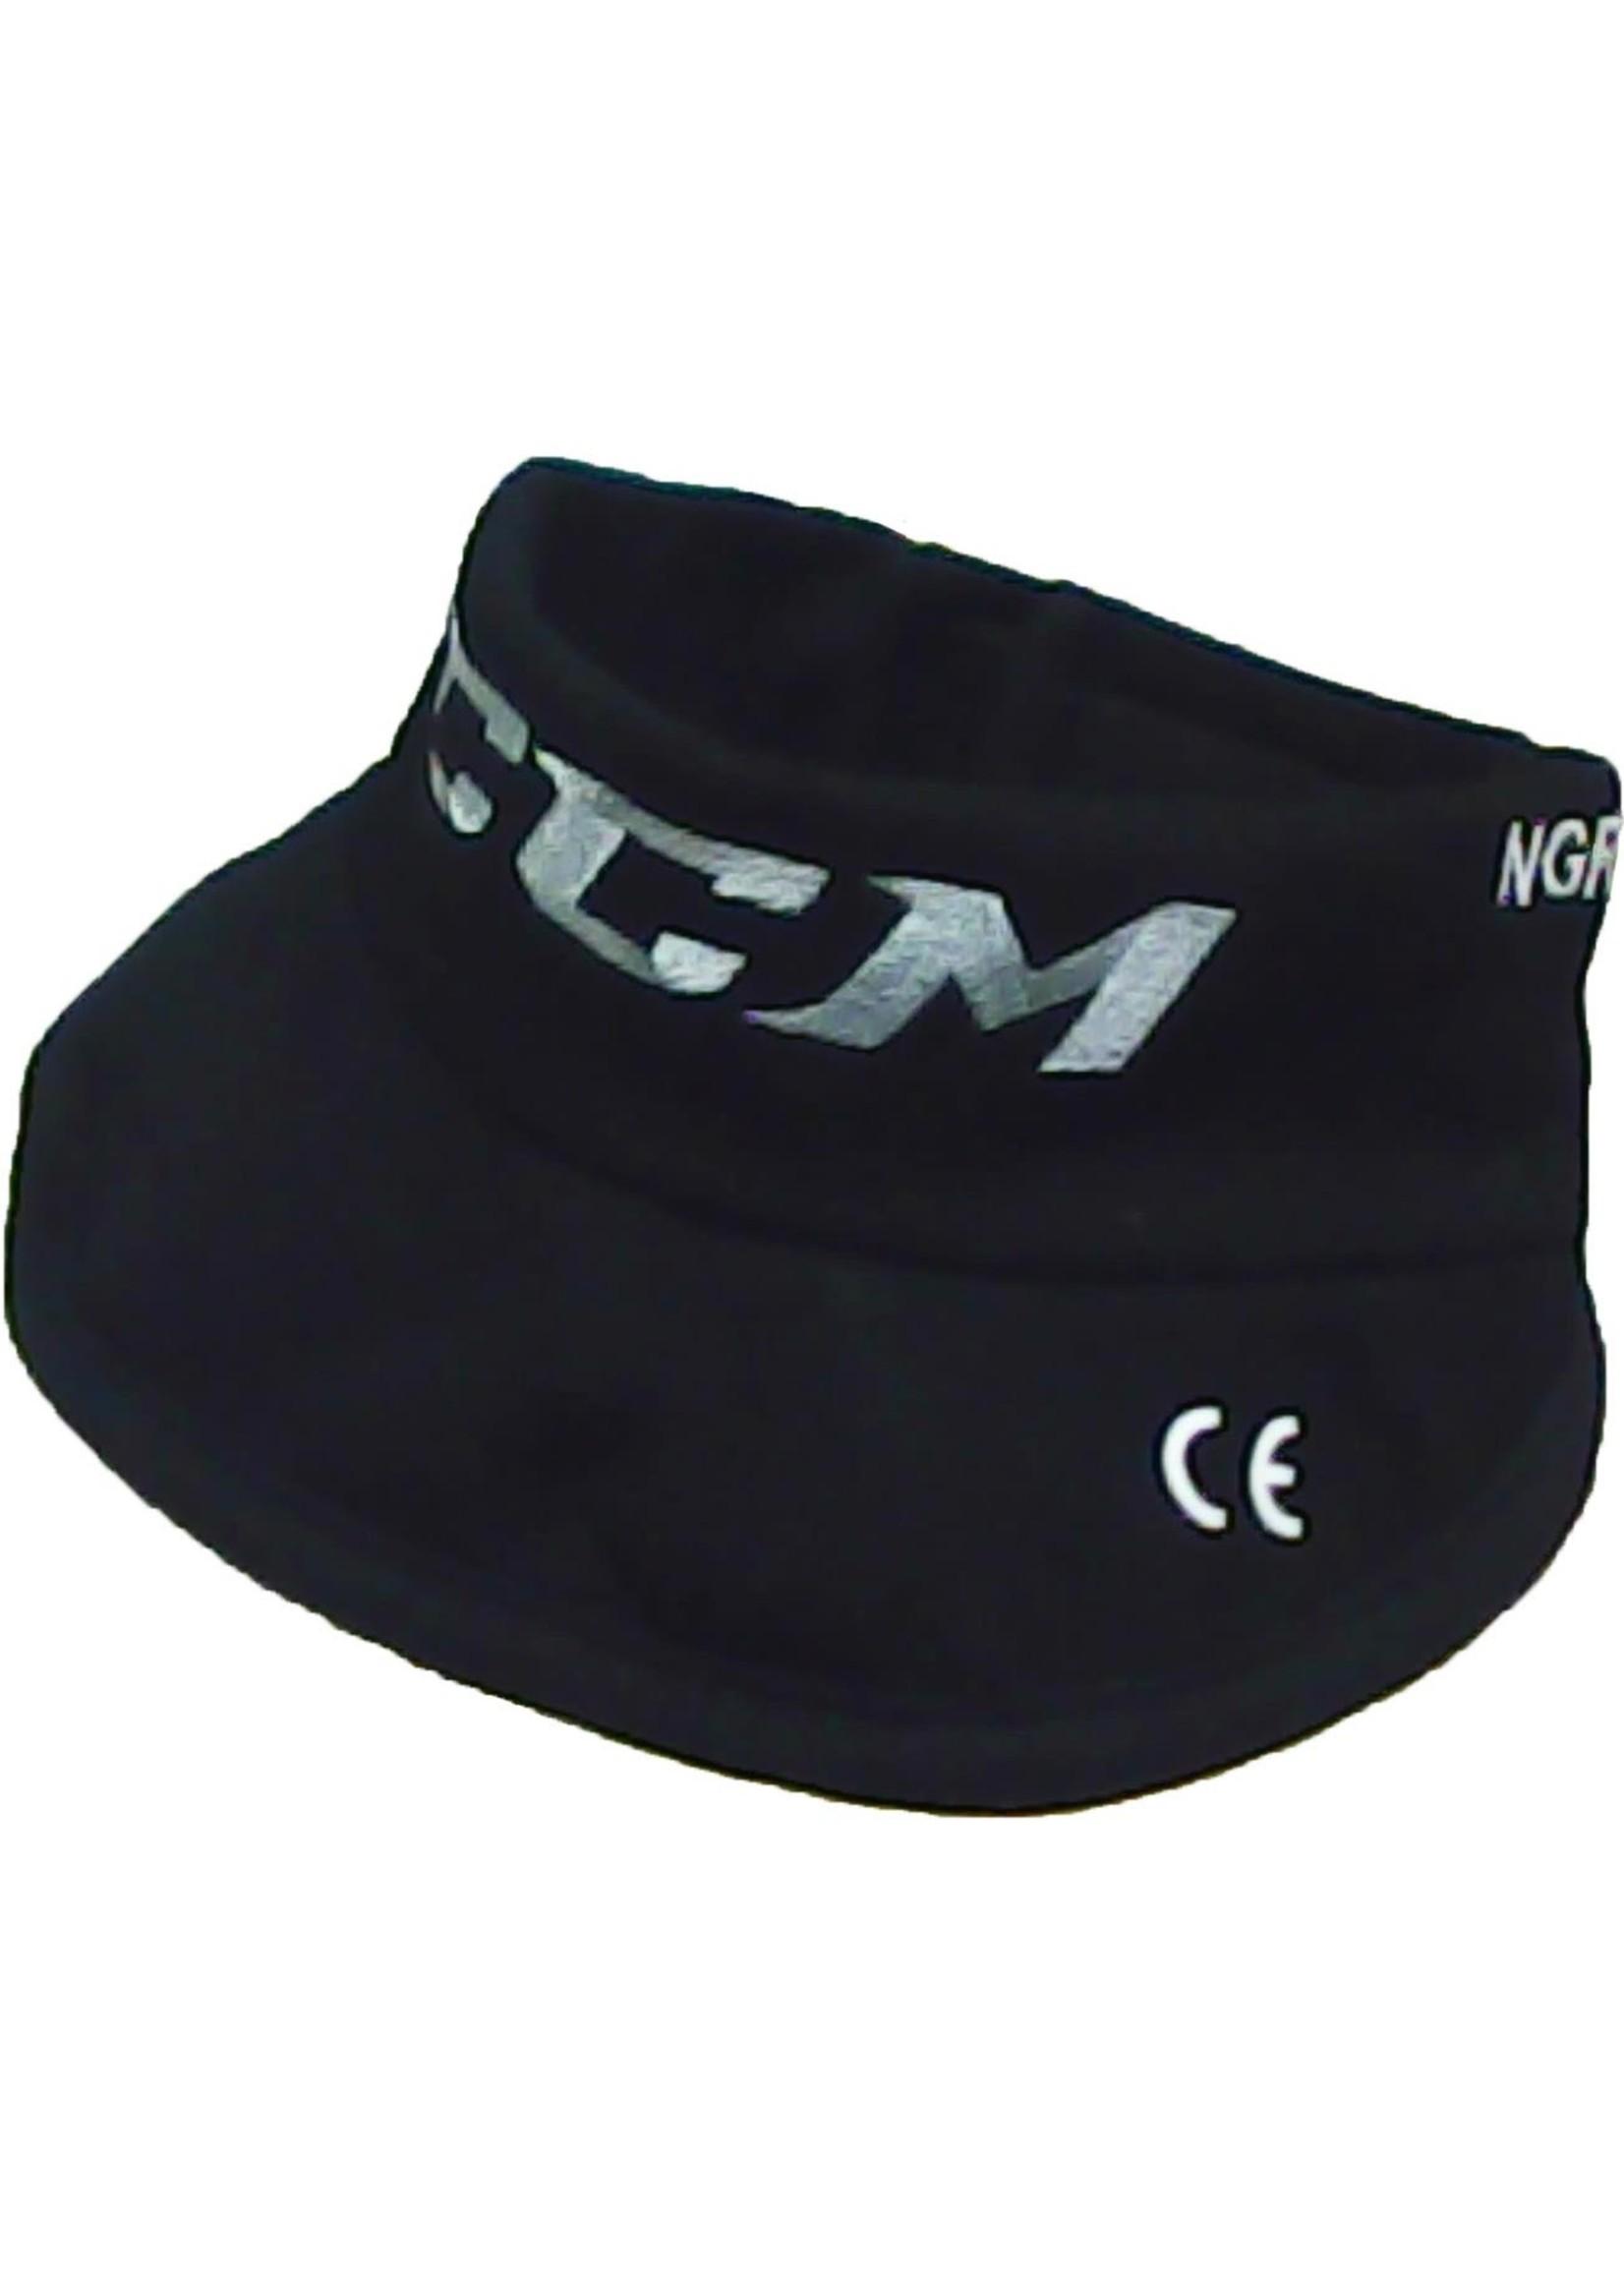 CCM Hockey CCM NGR500 SR NECK GUARD BLK v.1 BLK